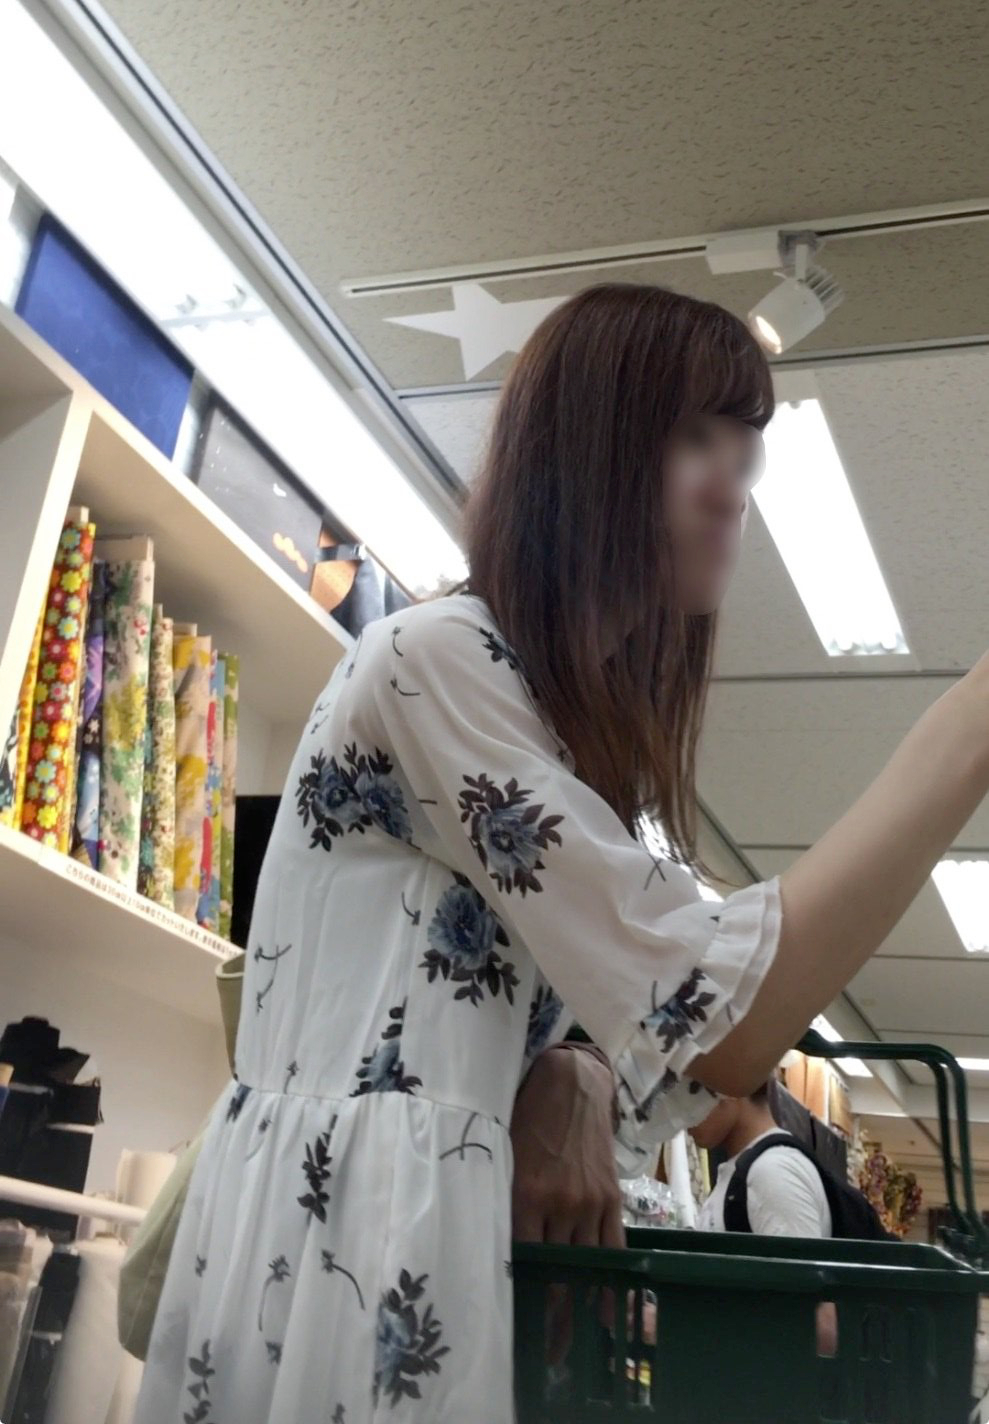 お買い物中の素人さんのパンチラを執拗に撮影しまくったエロ画像